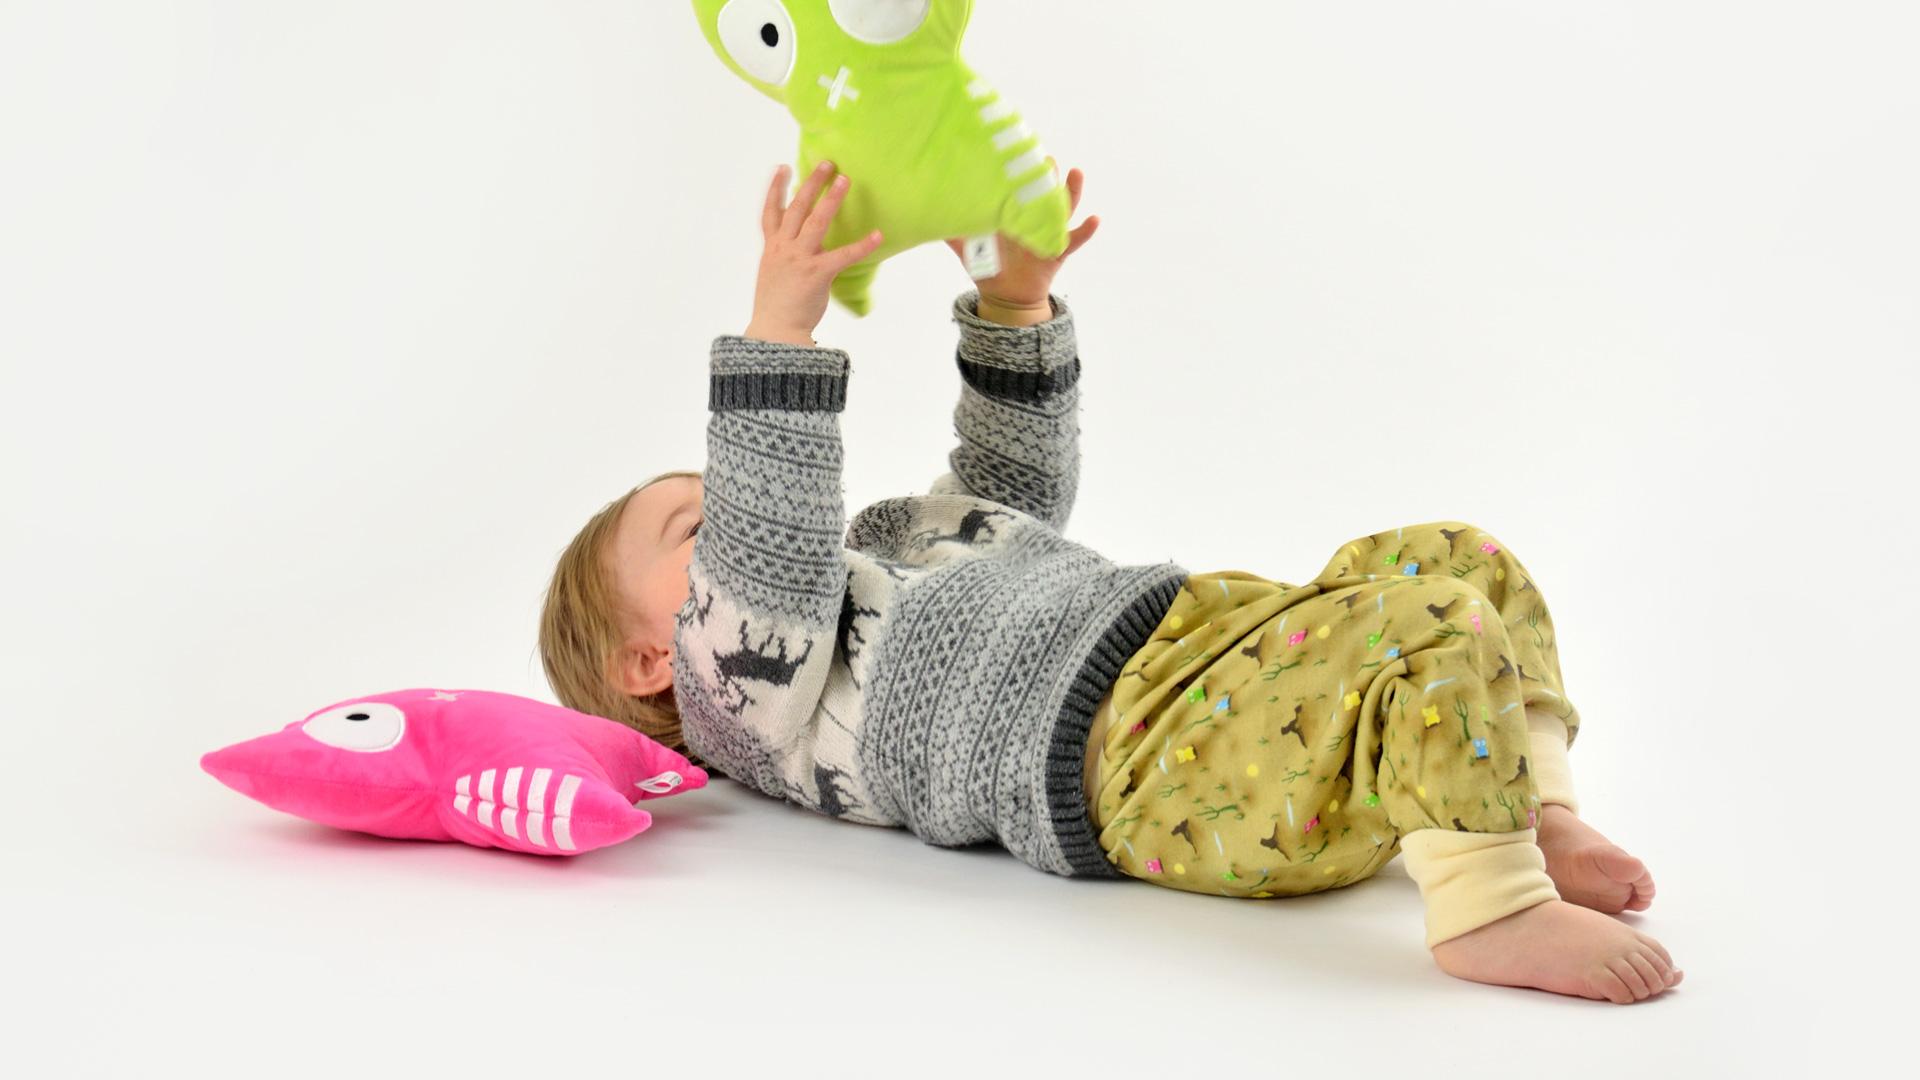 Spielzeug Pumphose Kuschelkissen Kinderzimmer Vincend